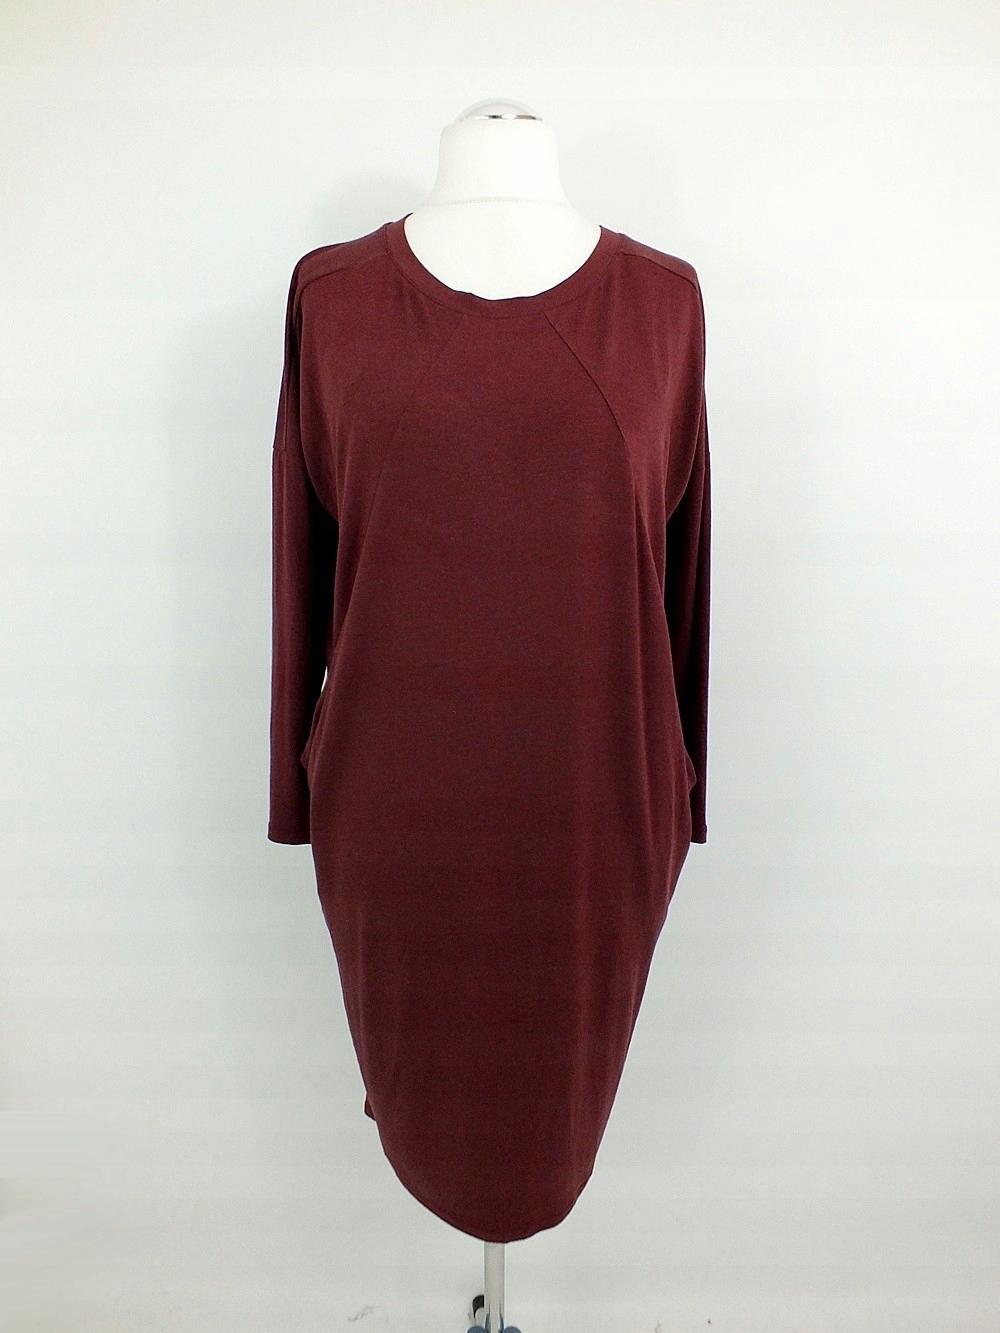 4b585210e8 B5  INDISKA Świetna sukienka kieszonki 44 46 48 - 7799178902 ...